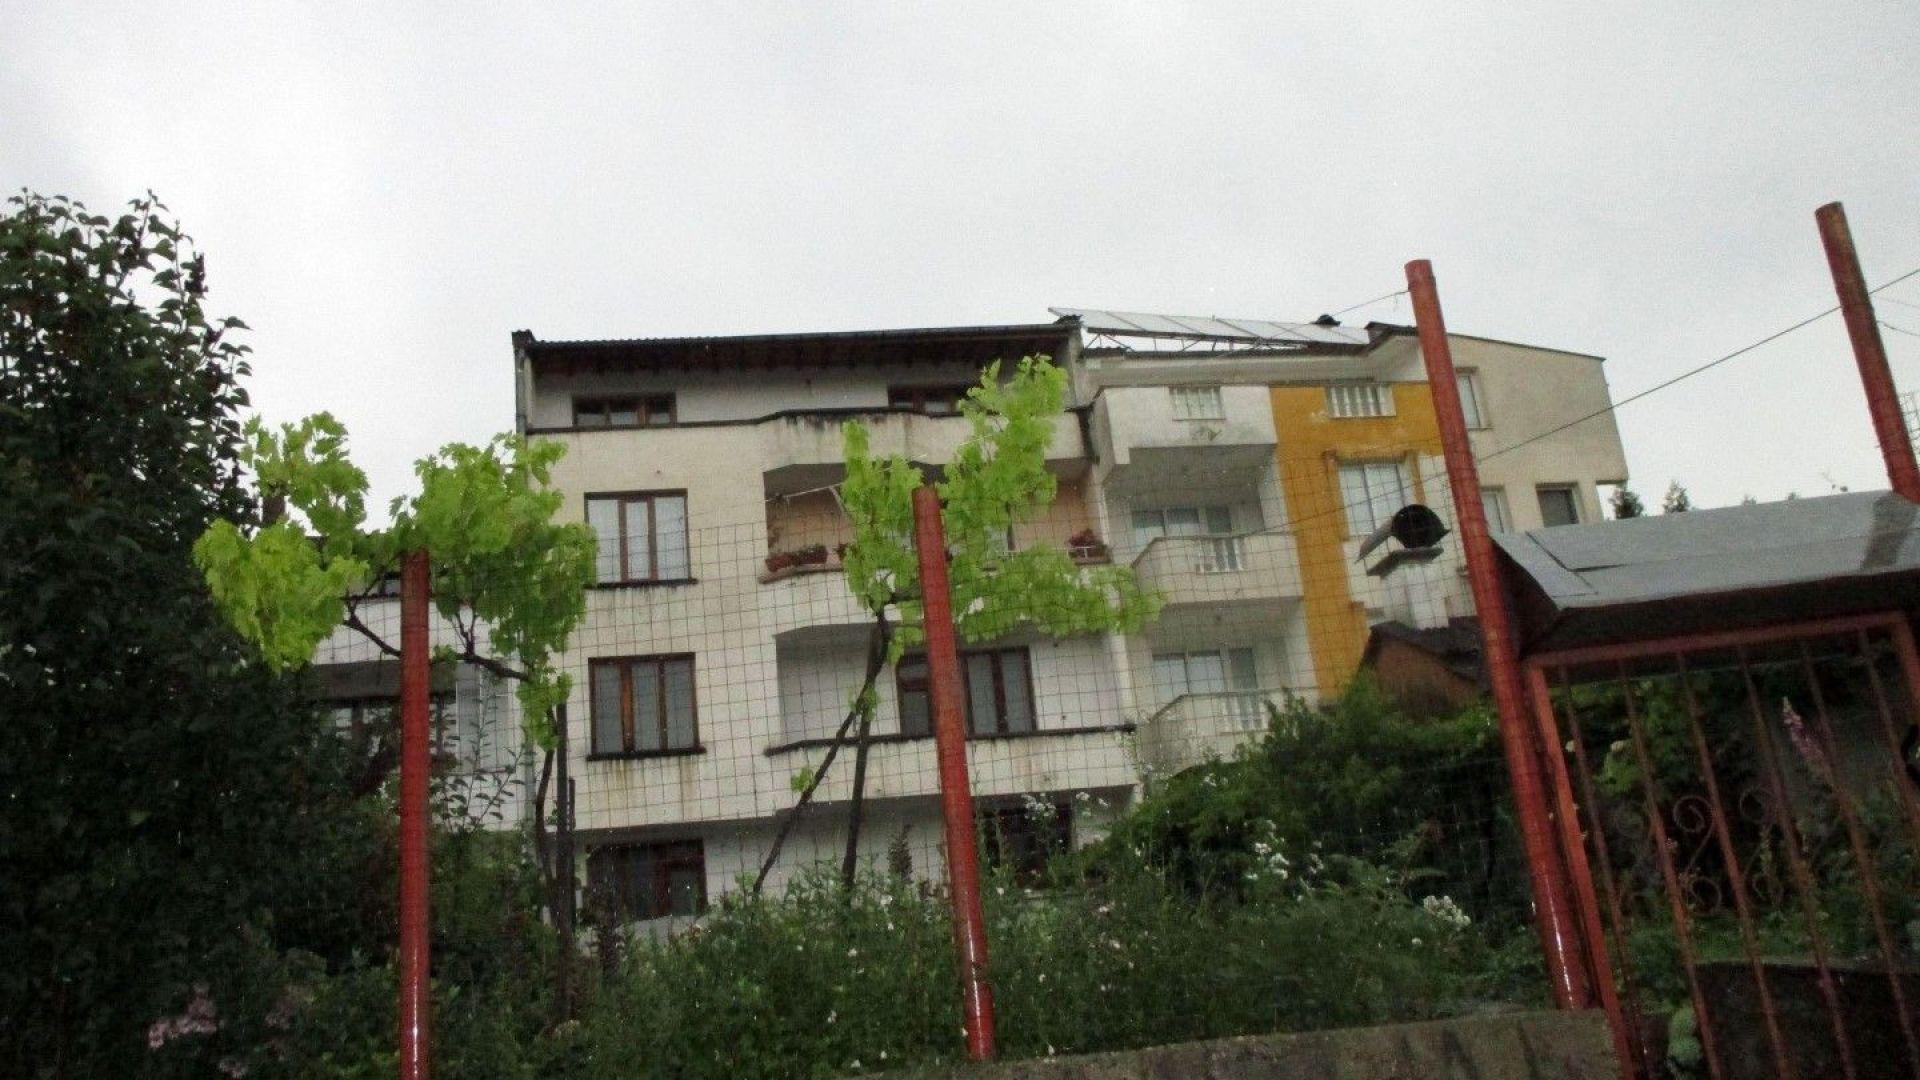 Жилището, където се е разиграла драмата с убийството от Метушев на приятеля му Колджиев